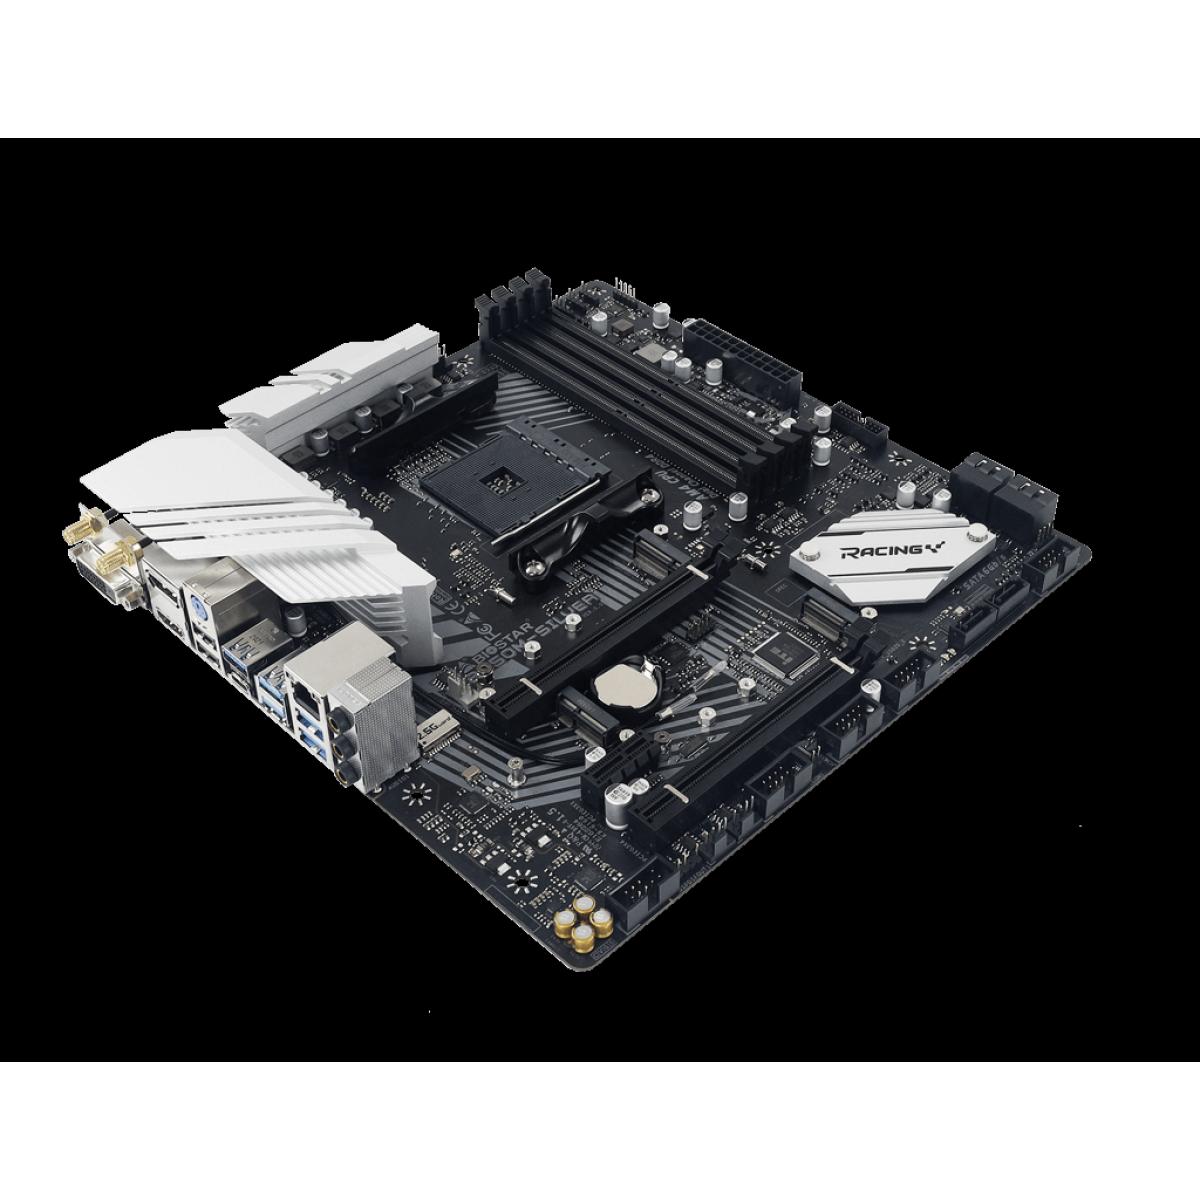 Placa Mãe Biostar B550M-SILVER, Chipset B550, AMD AM4, mATX, DDR4, AB55BM4T-R01-BS212Y